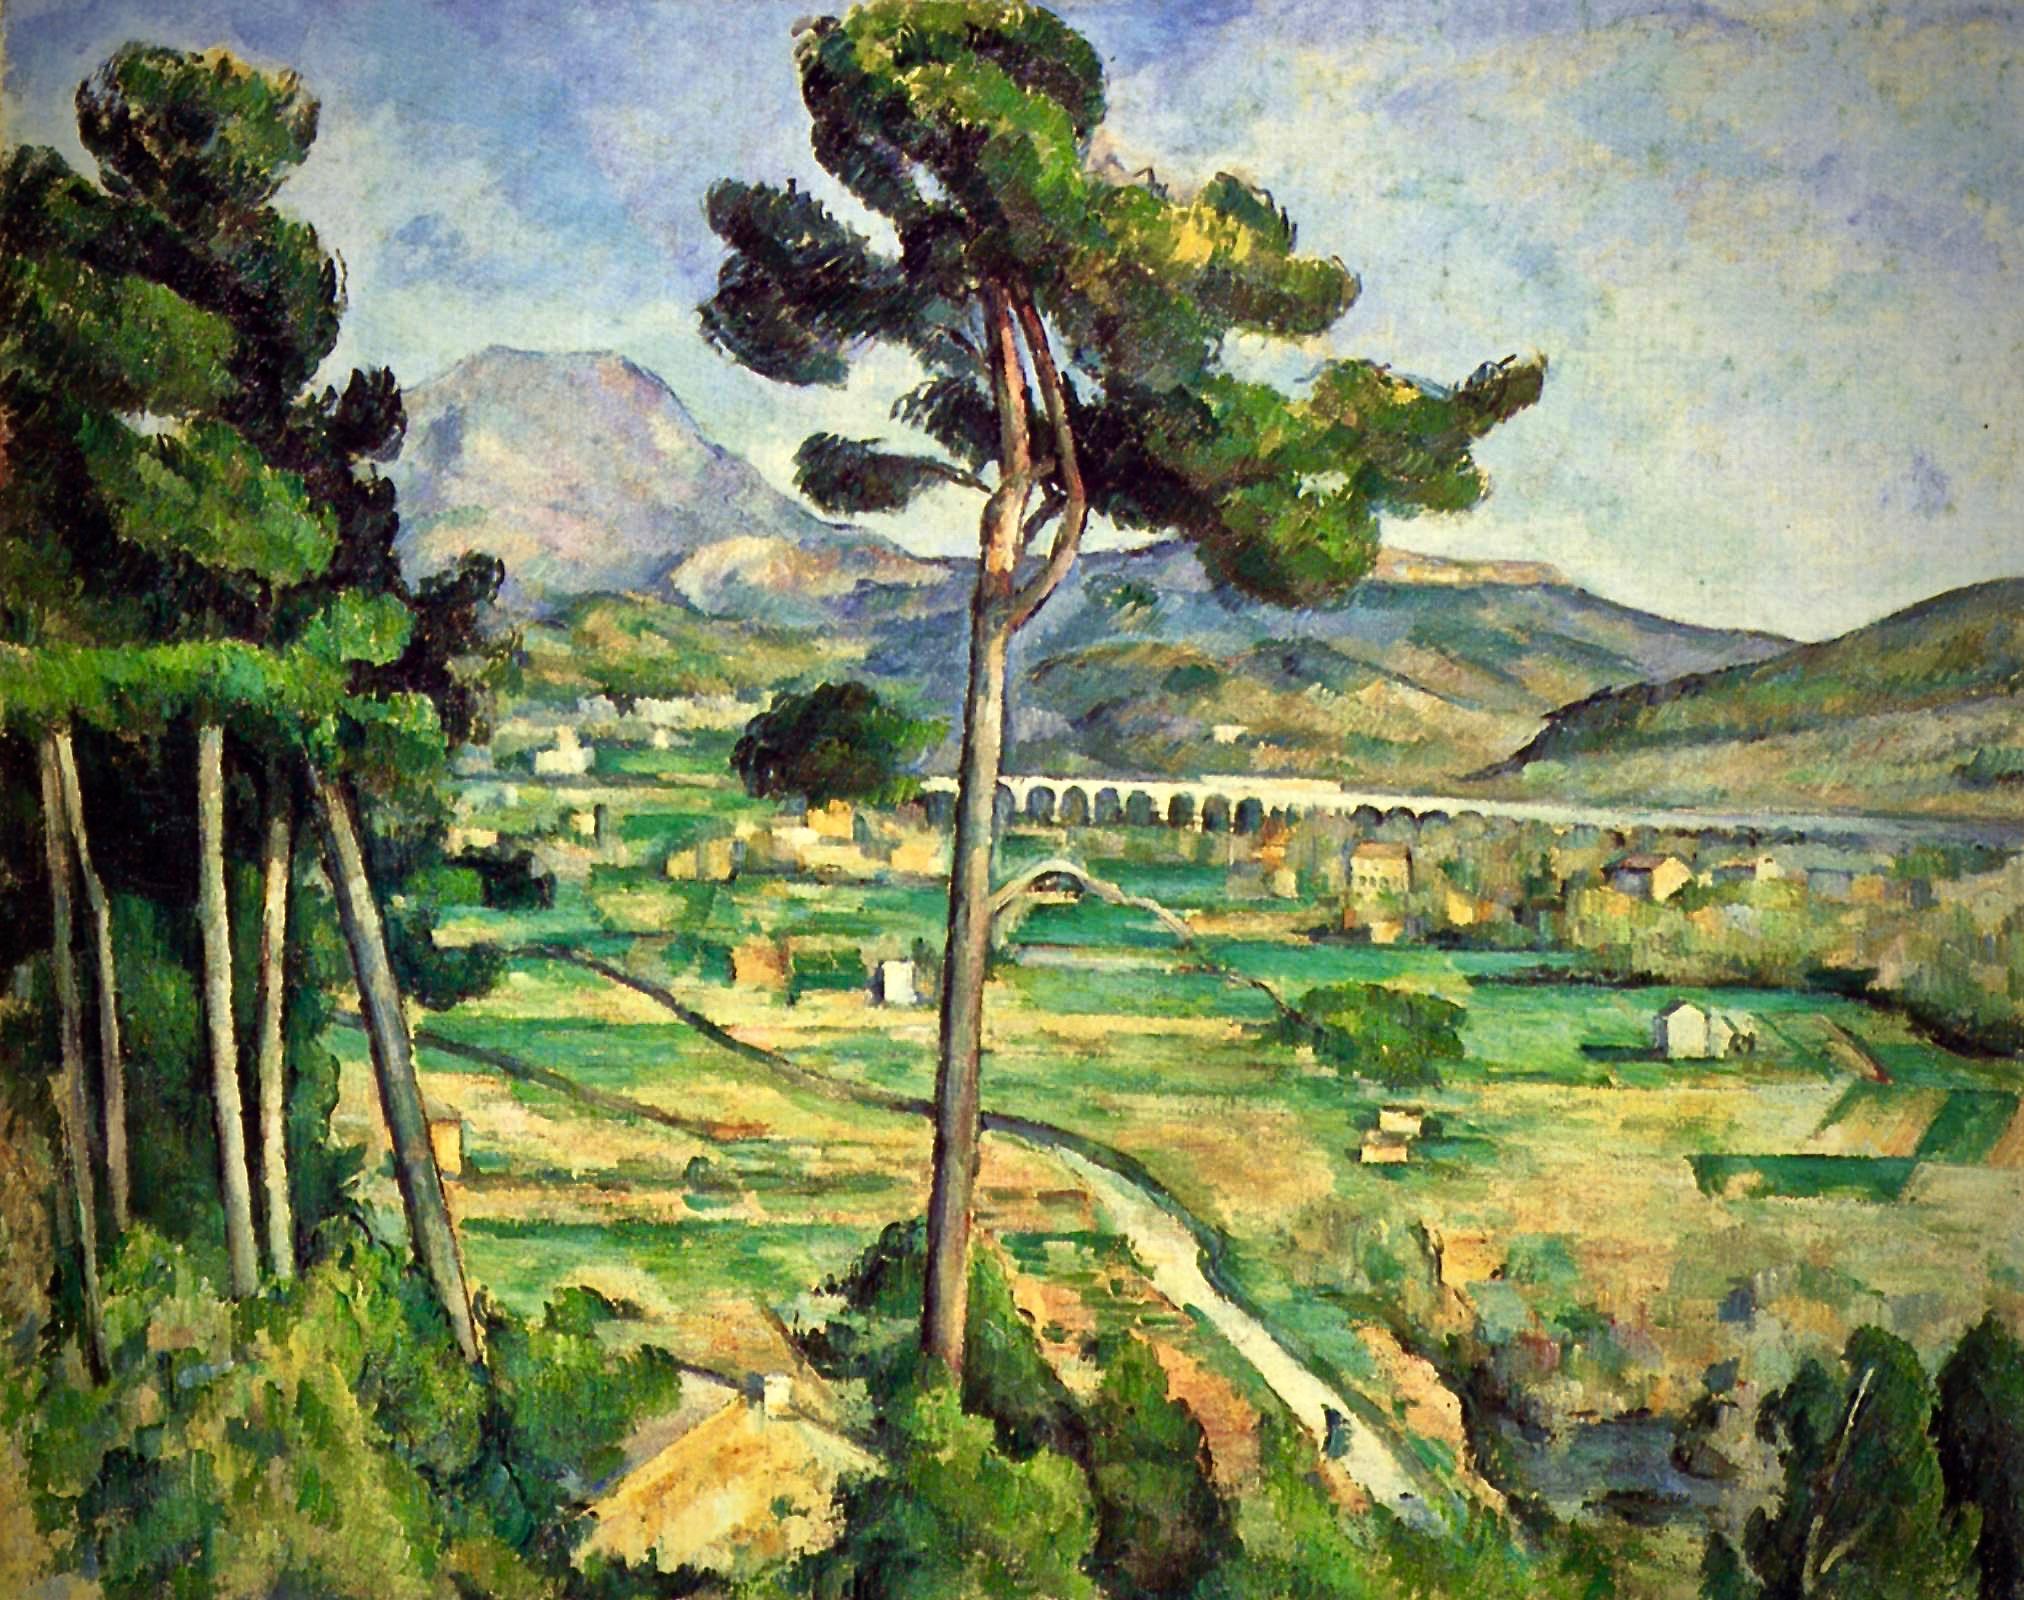 landscape-with-viaduct-montagne-sainte-victoire-1887